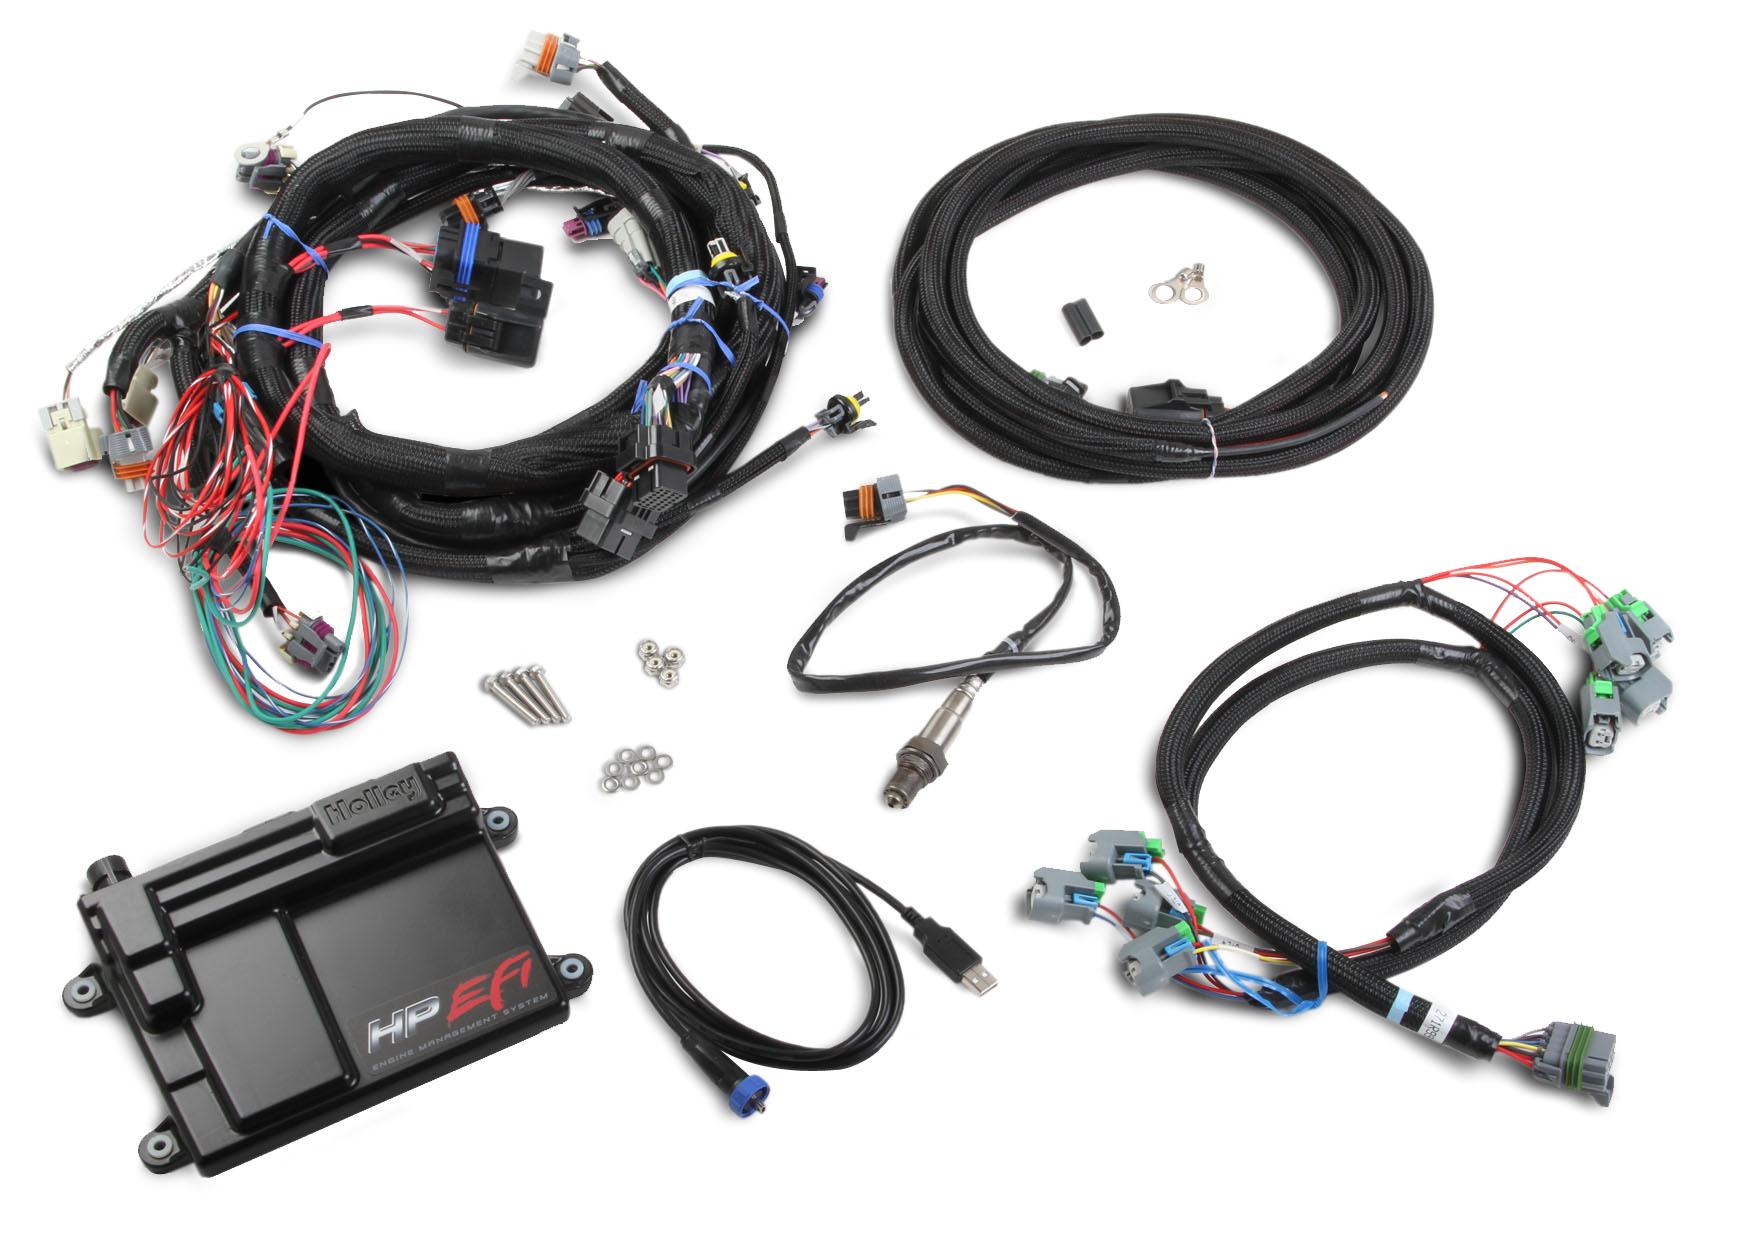 holley gm ls2 ls3 ls7 hp efi ecu u0026 harness kitsgm efi wiring harness